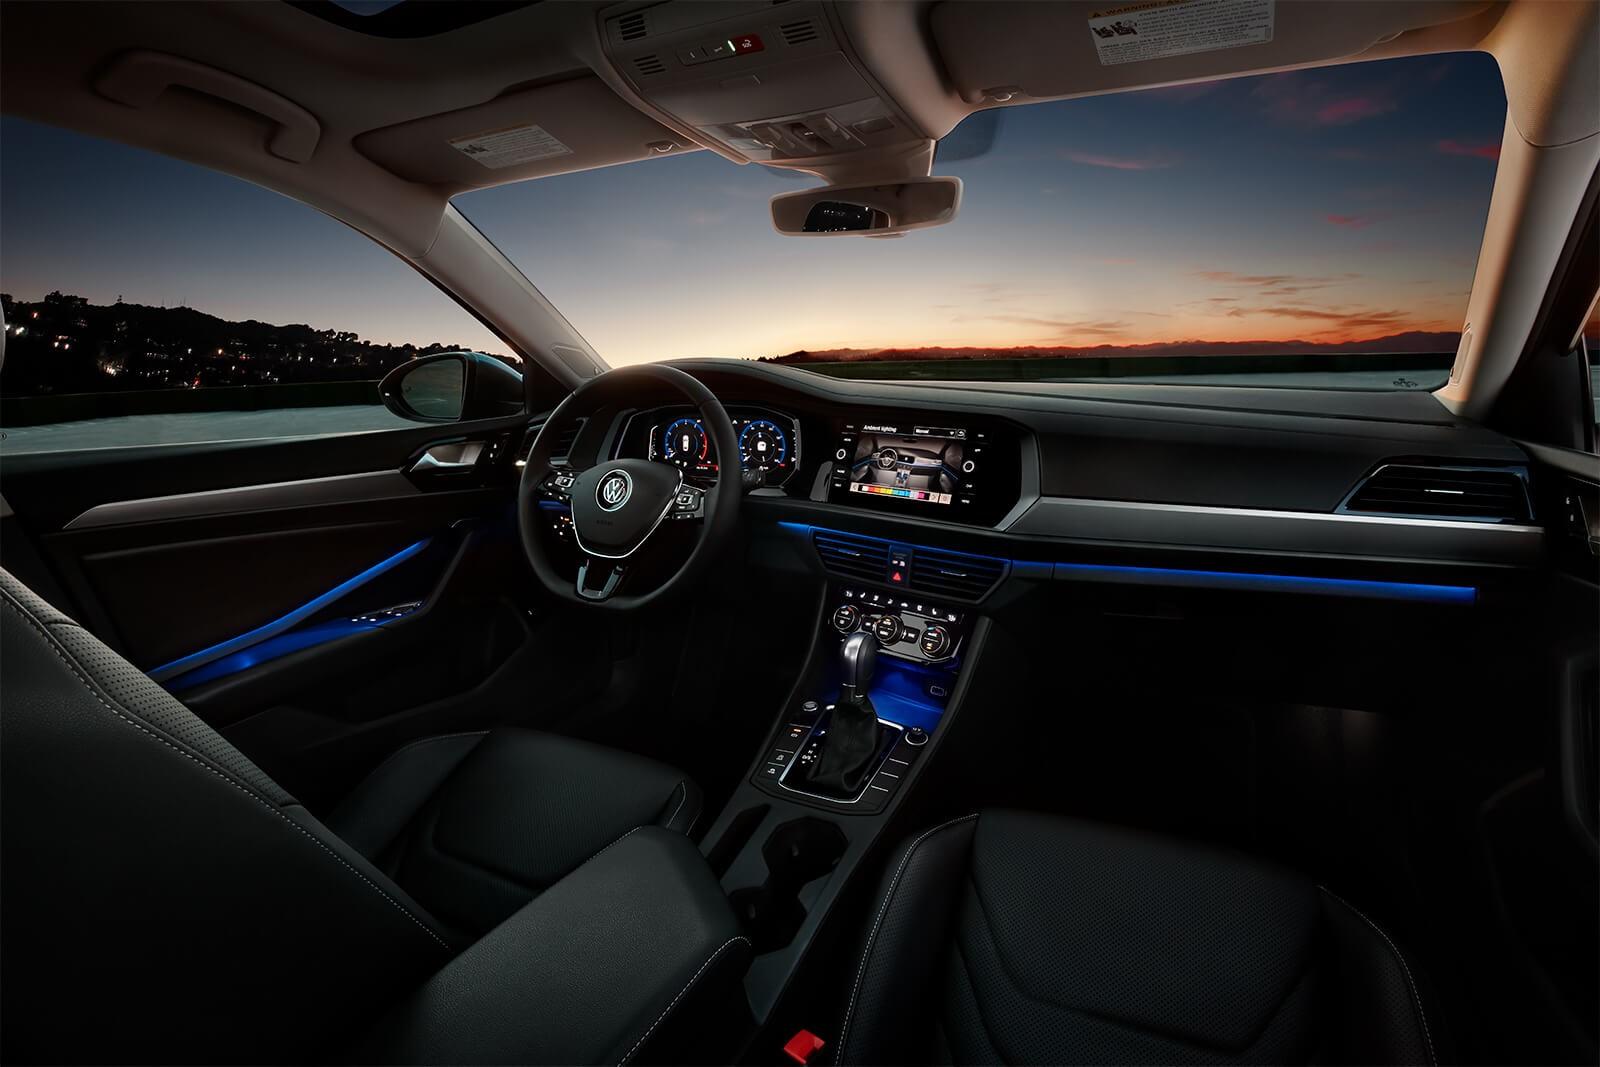 Mereces conducir rodeado de la elegancia y el vanguardismo de la cabina del Jetta 2019.